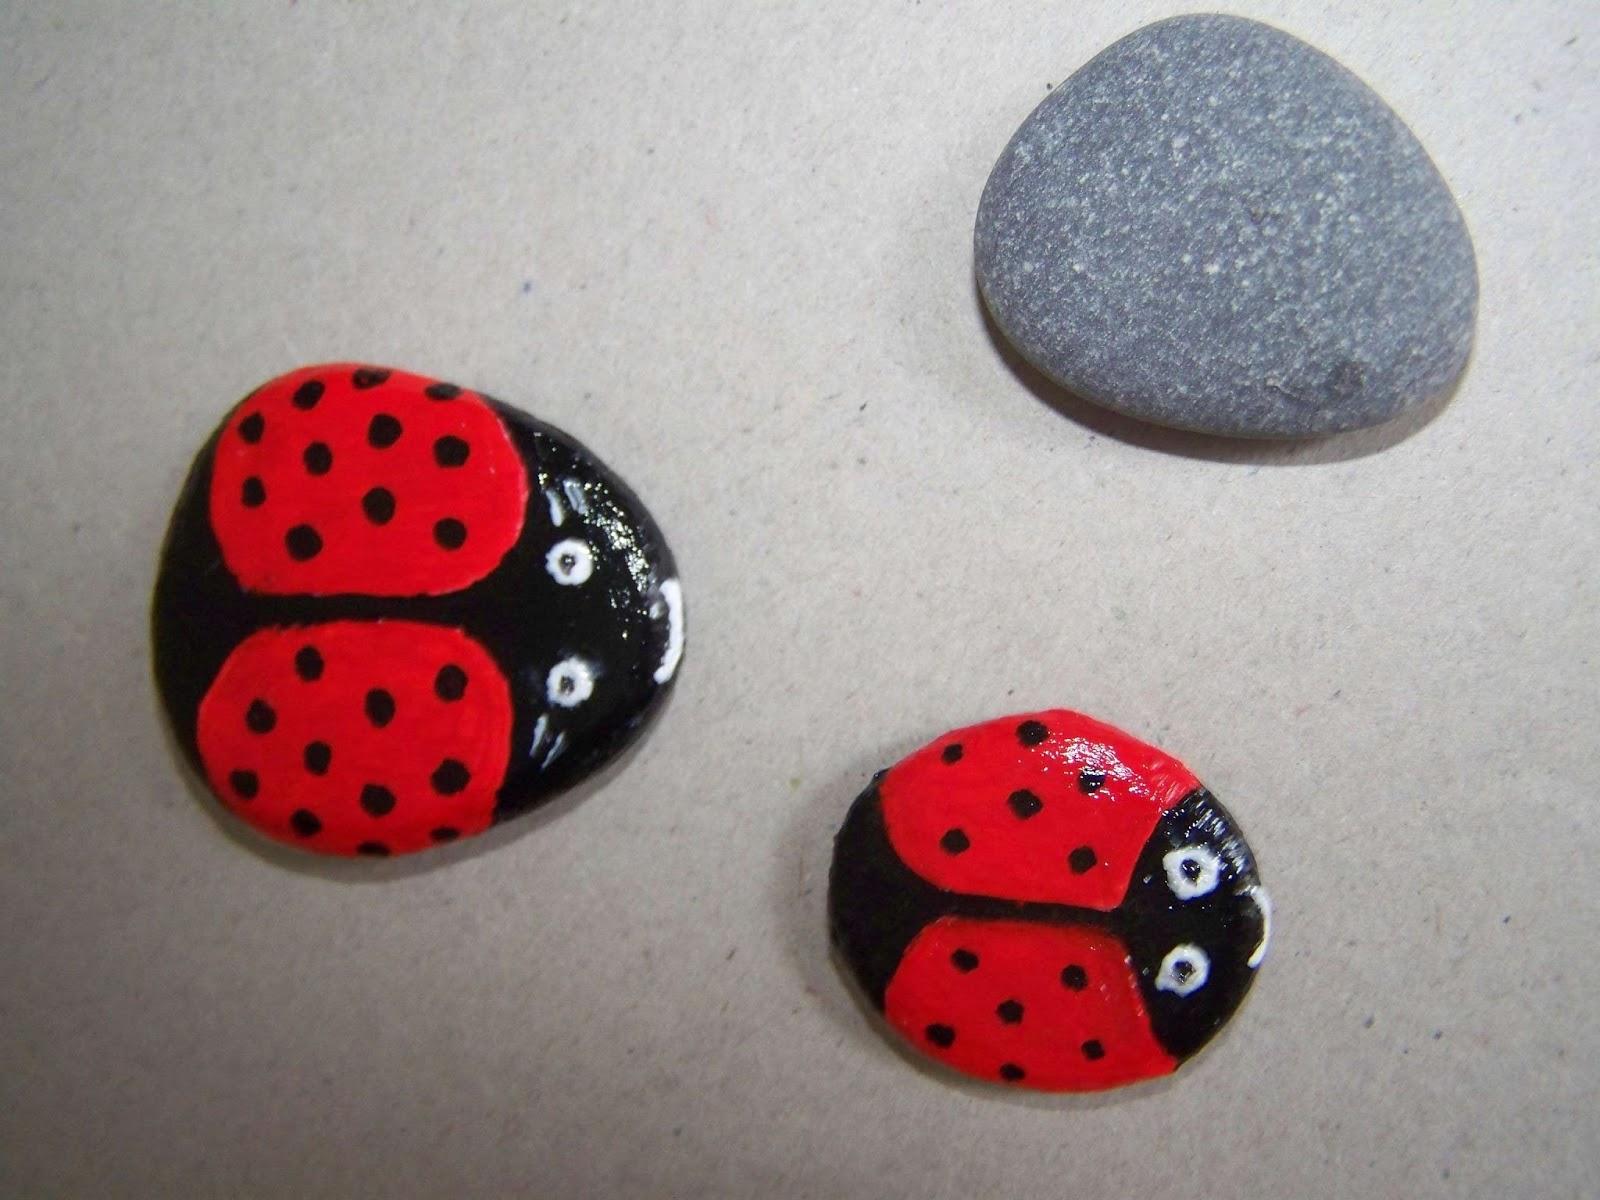 Поделки из камней своими руками фото схемы для детей